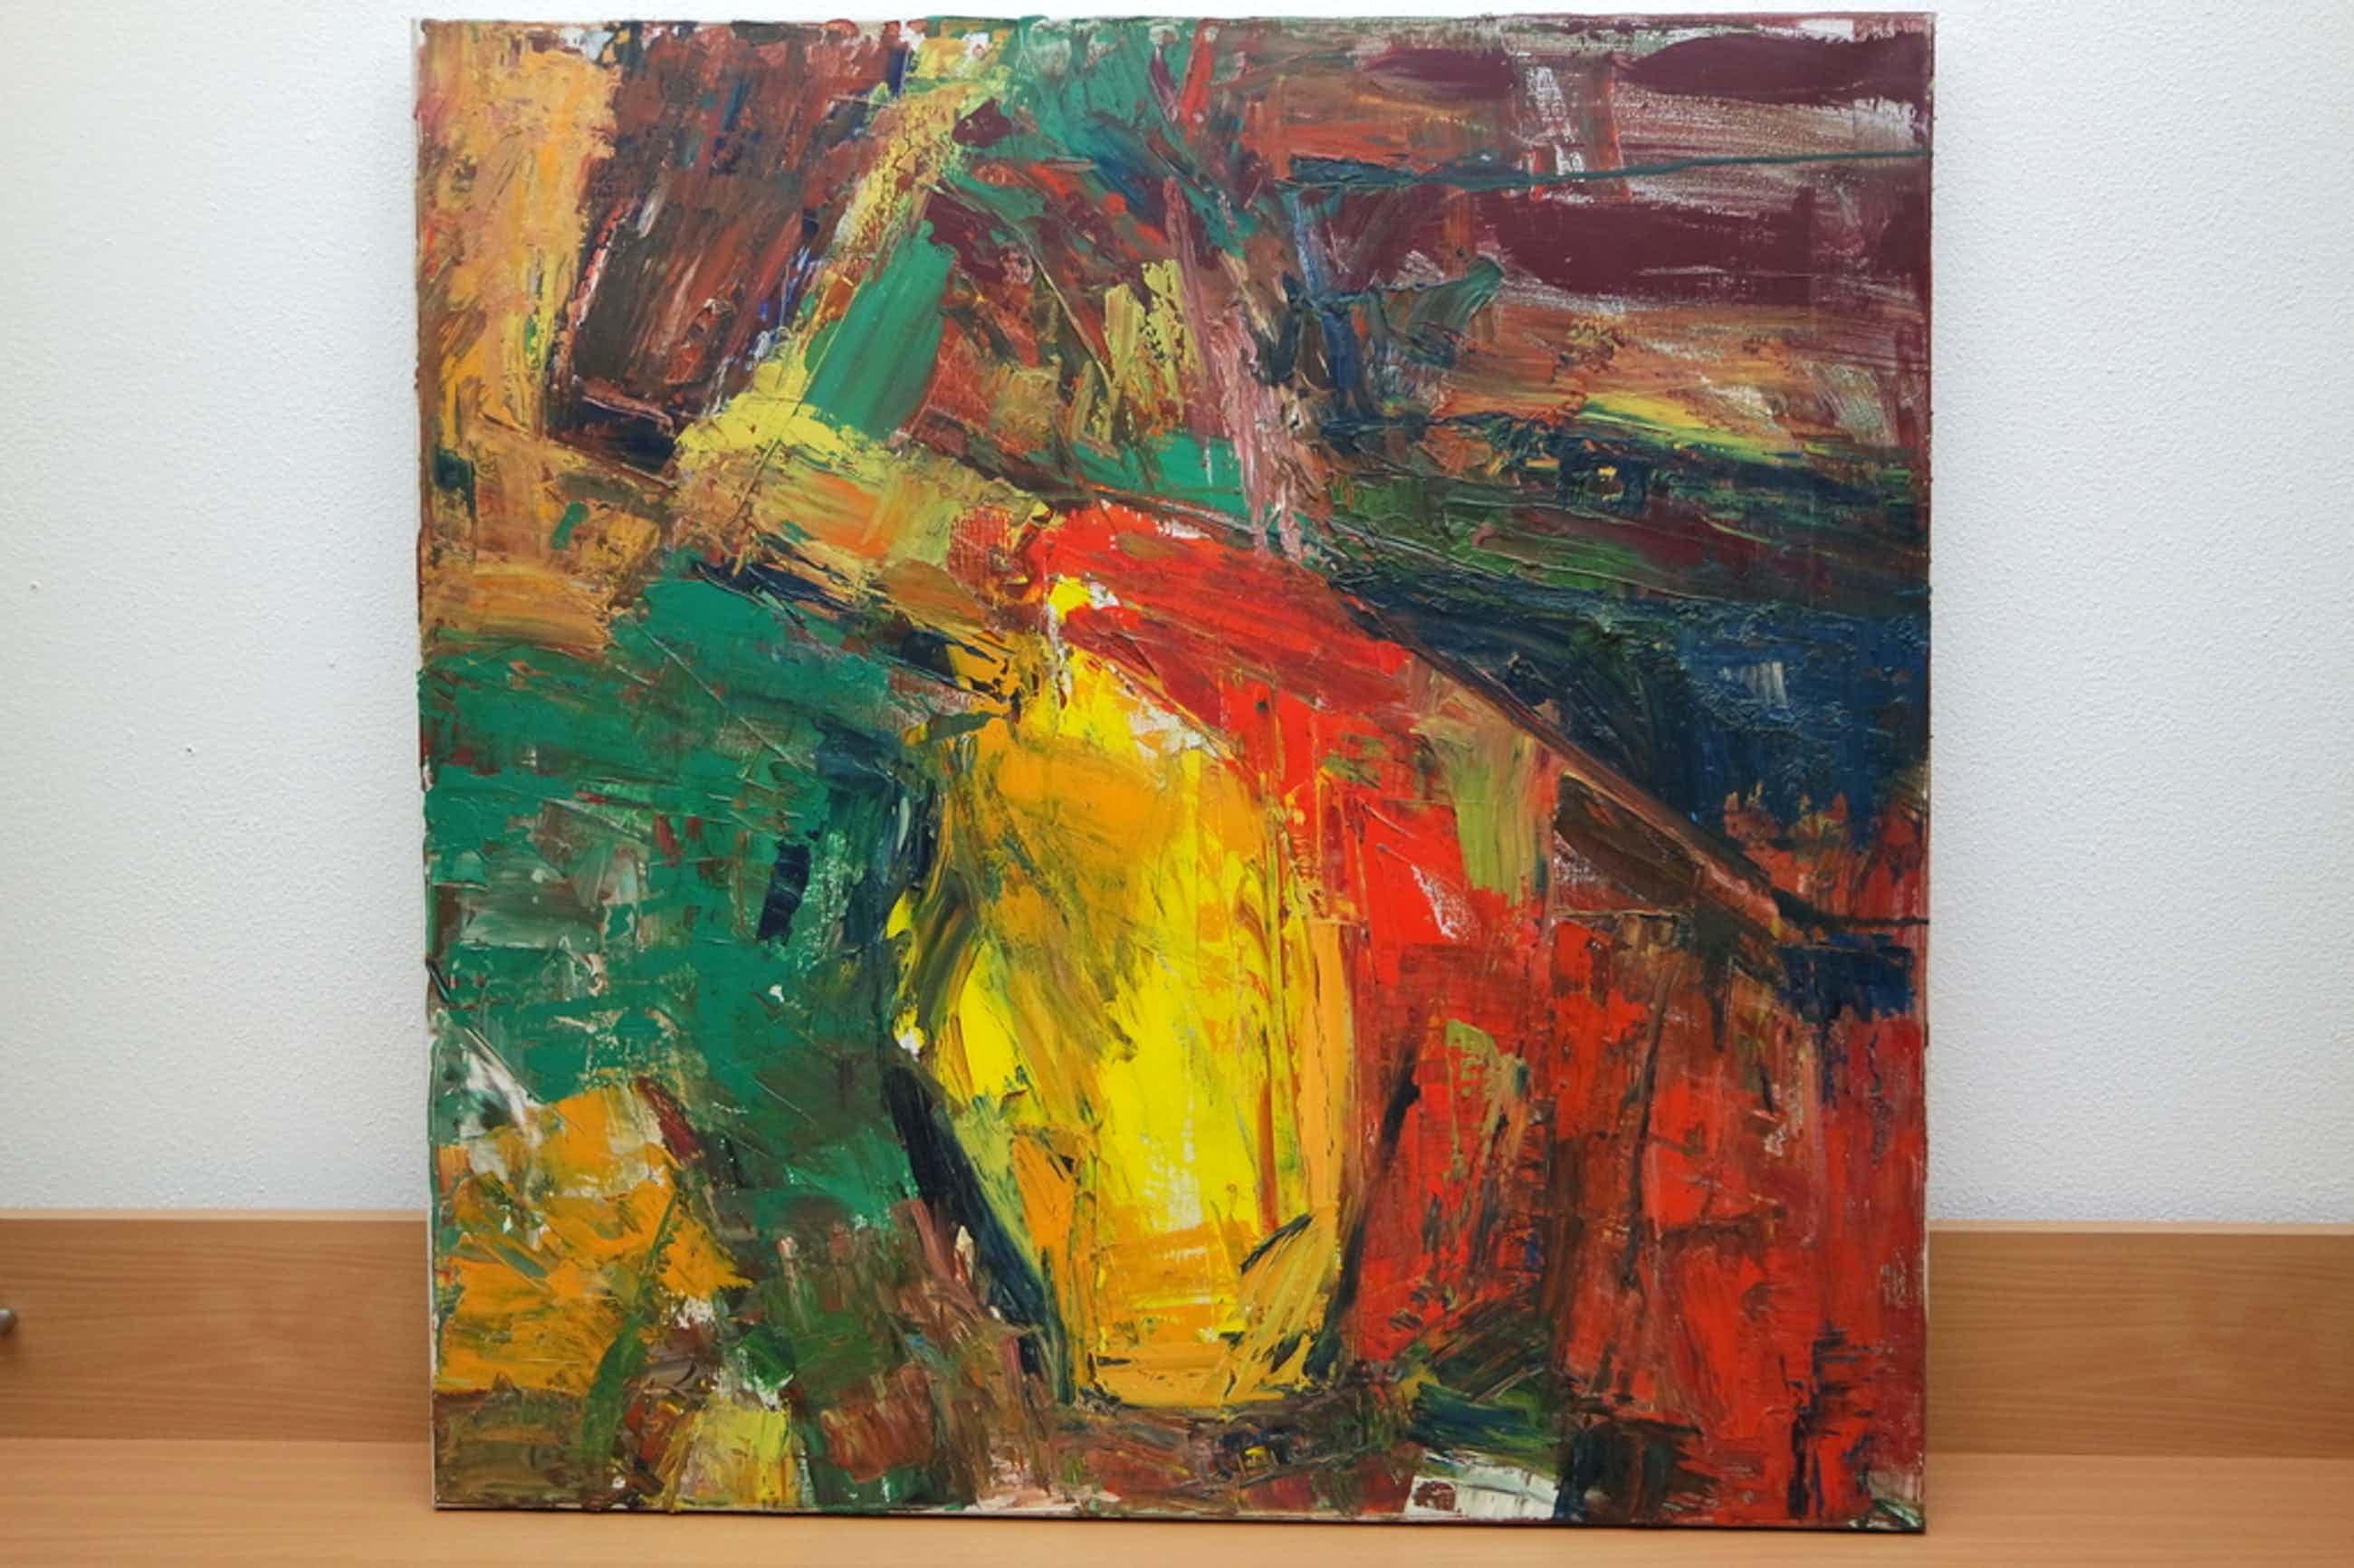 Piet MIDDELHOEK (Brielle 1930 - 2004) - olieverf op doek - abstractie compositie kopen? Bied vanaf 170!